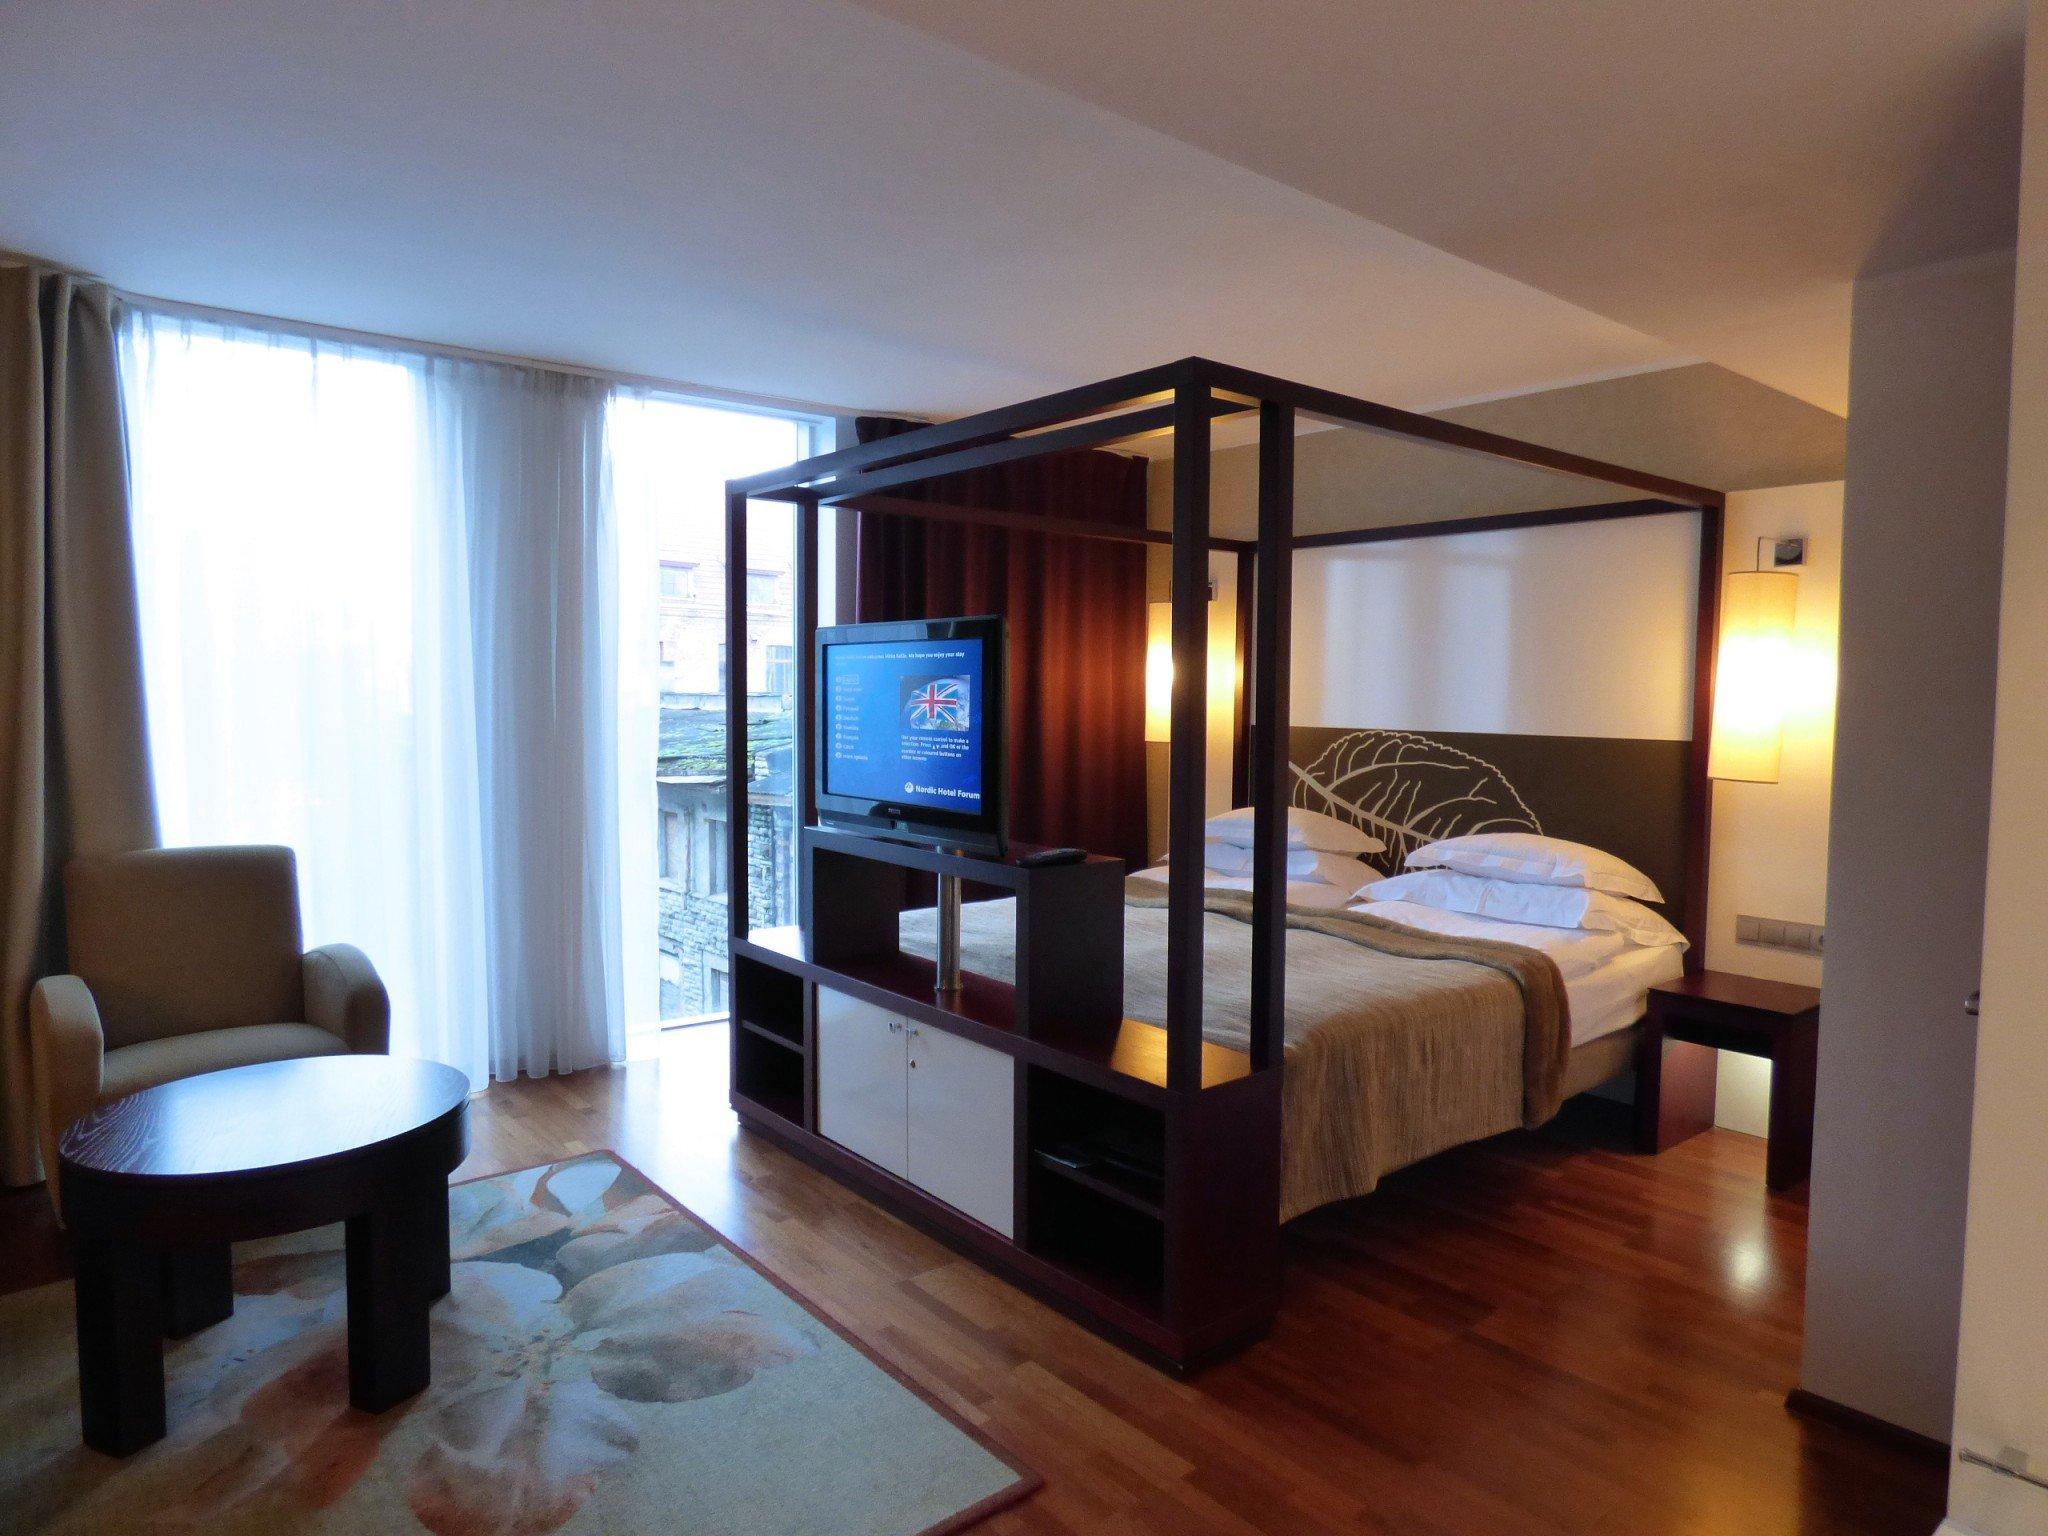 Nordic Hotel Forum Tallinna Deluxe Room